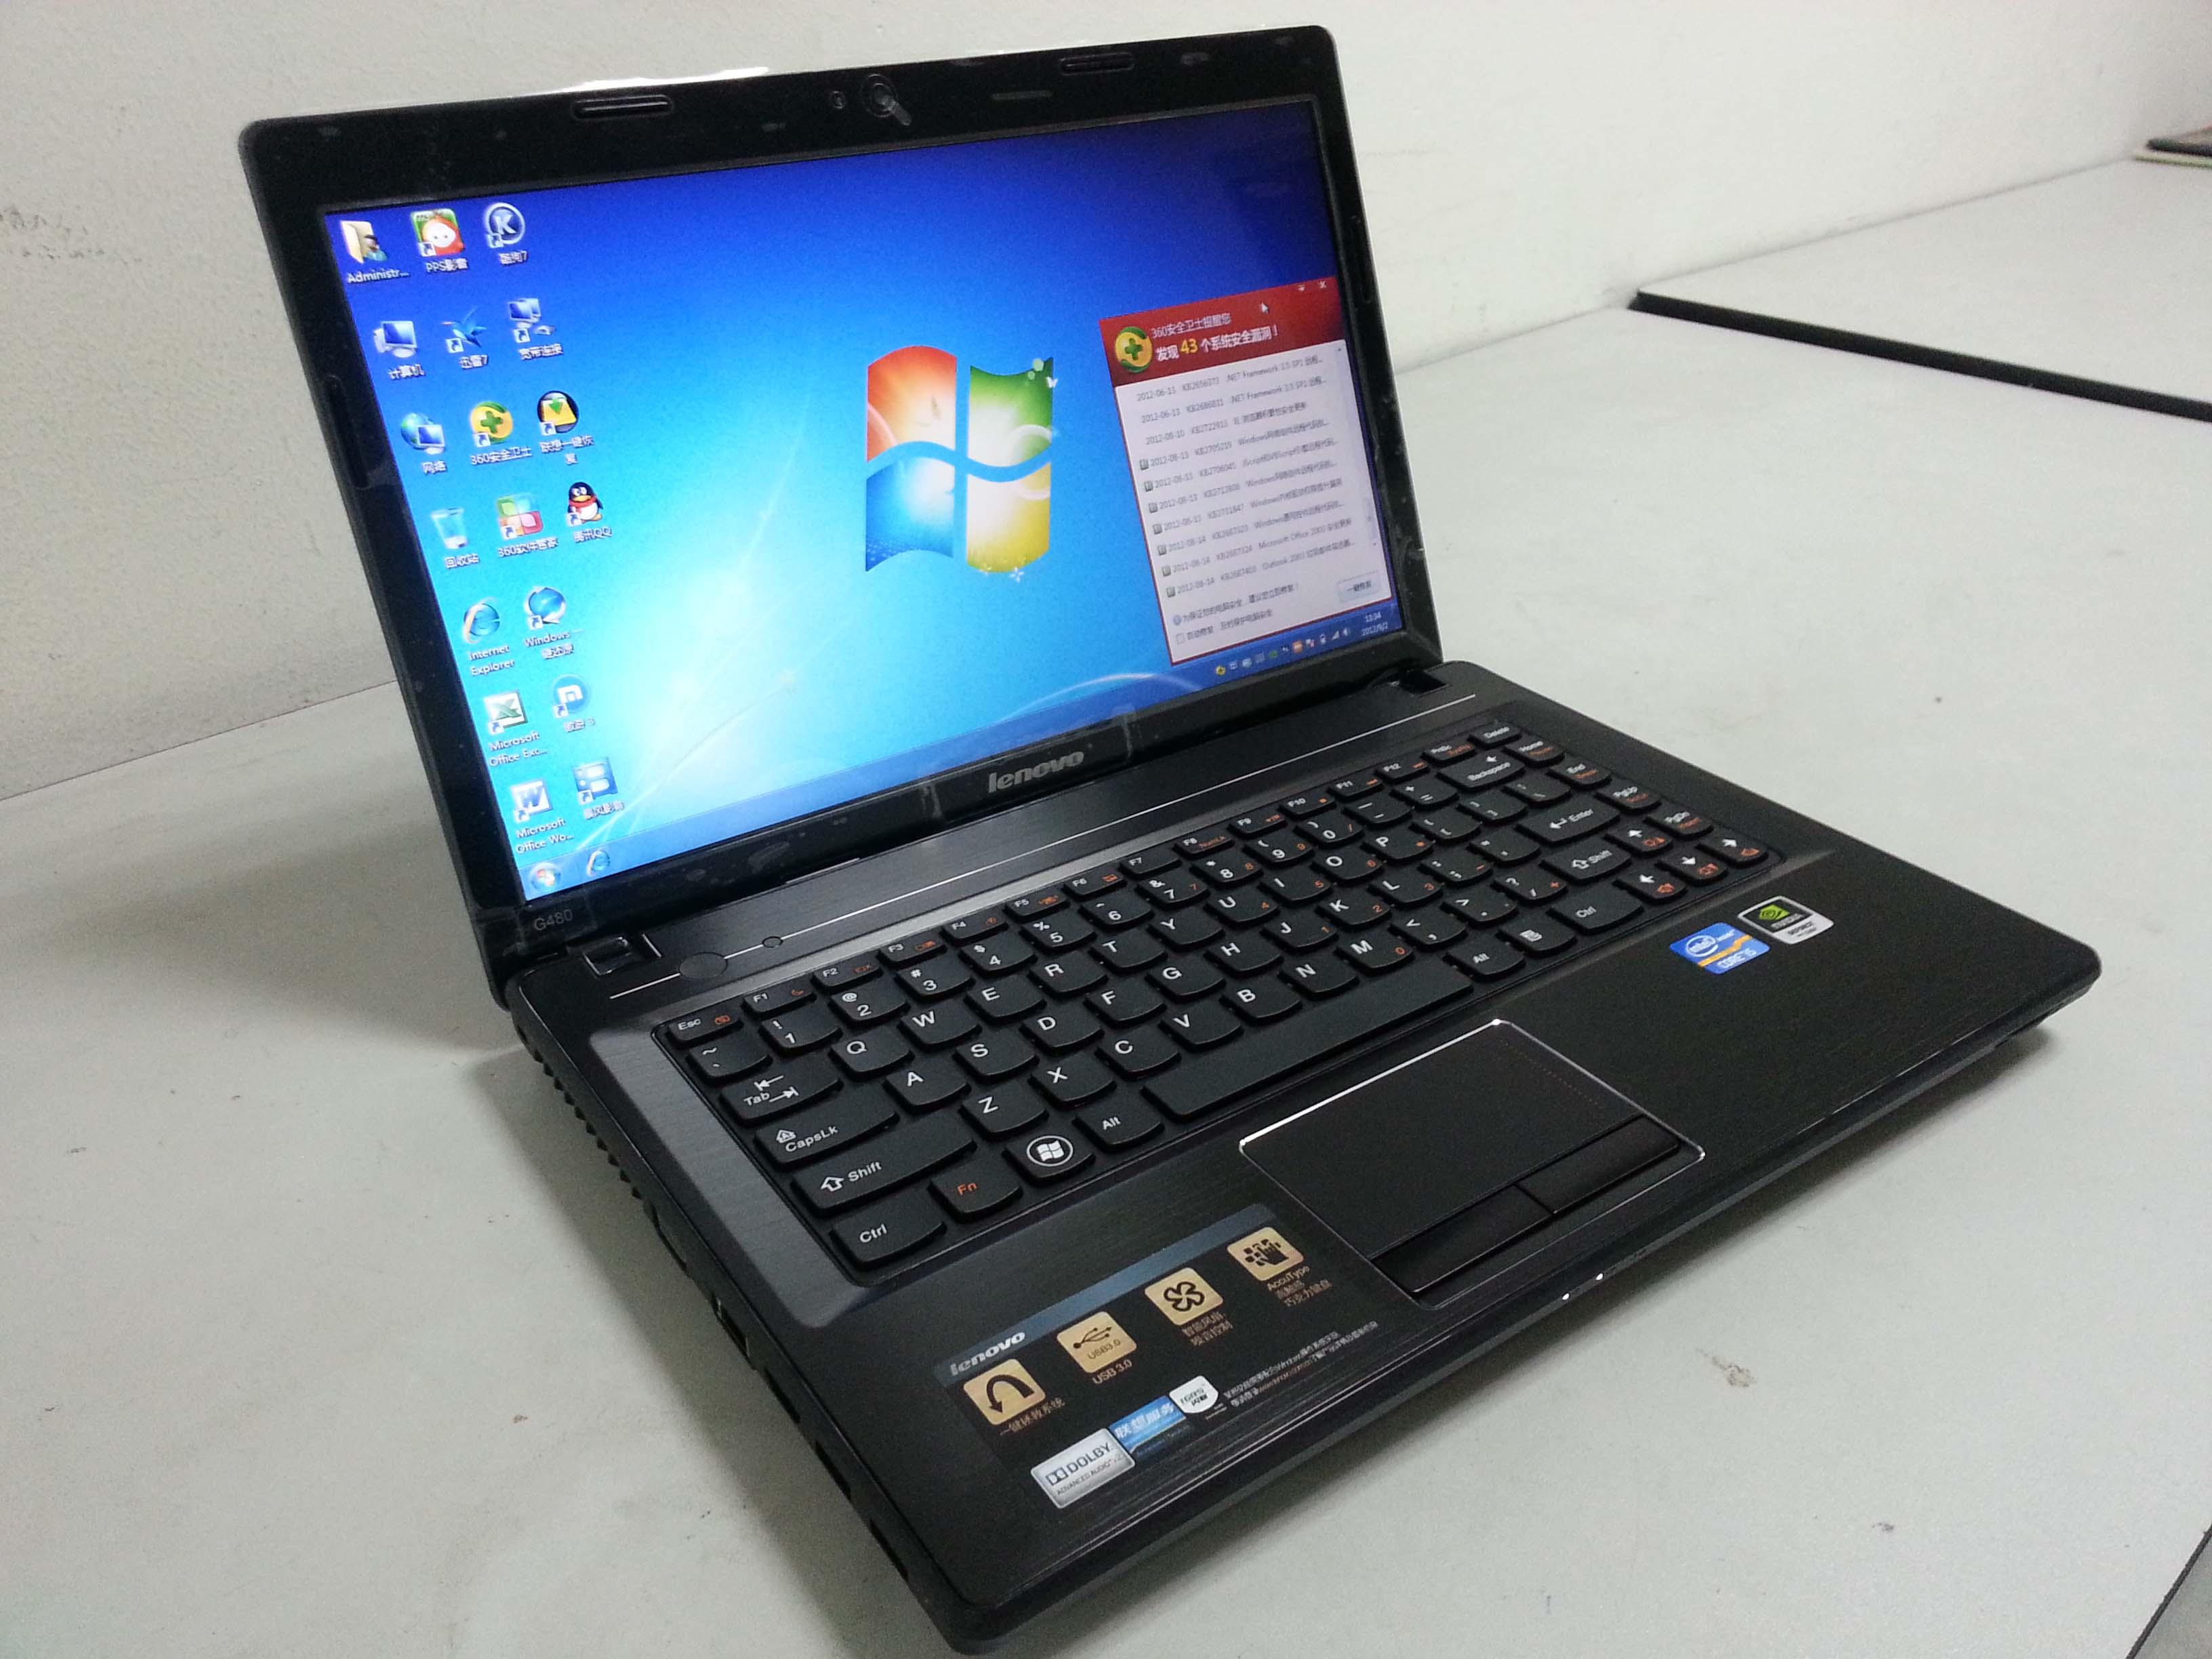 Mới về 50 Laptop cũ Chính hãng ASUS, SONY, DELL, ACer.. máy đẹp giá siêu tốt   Khuyến mãi Lớn